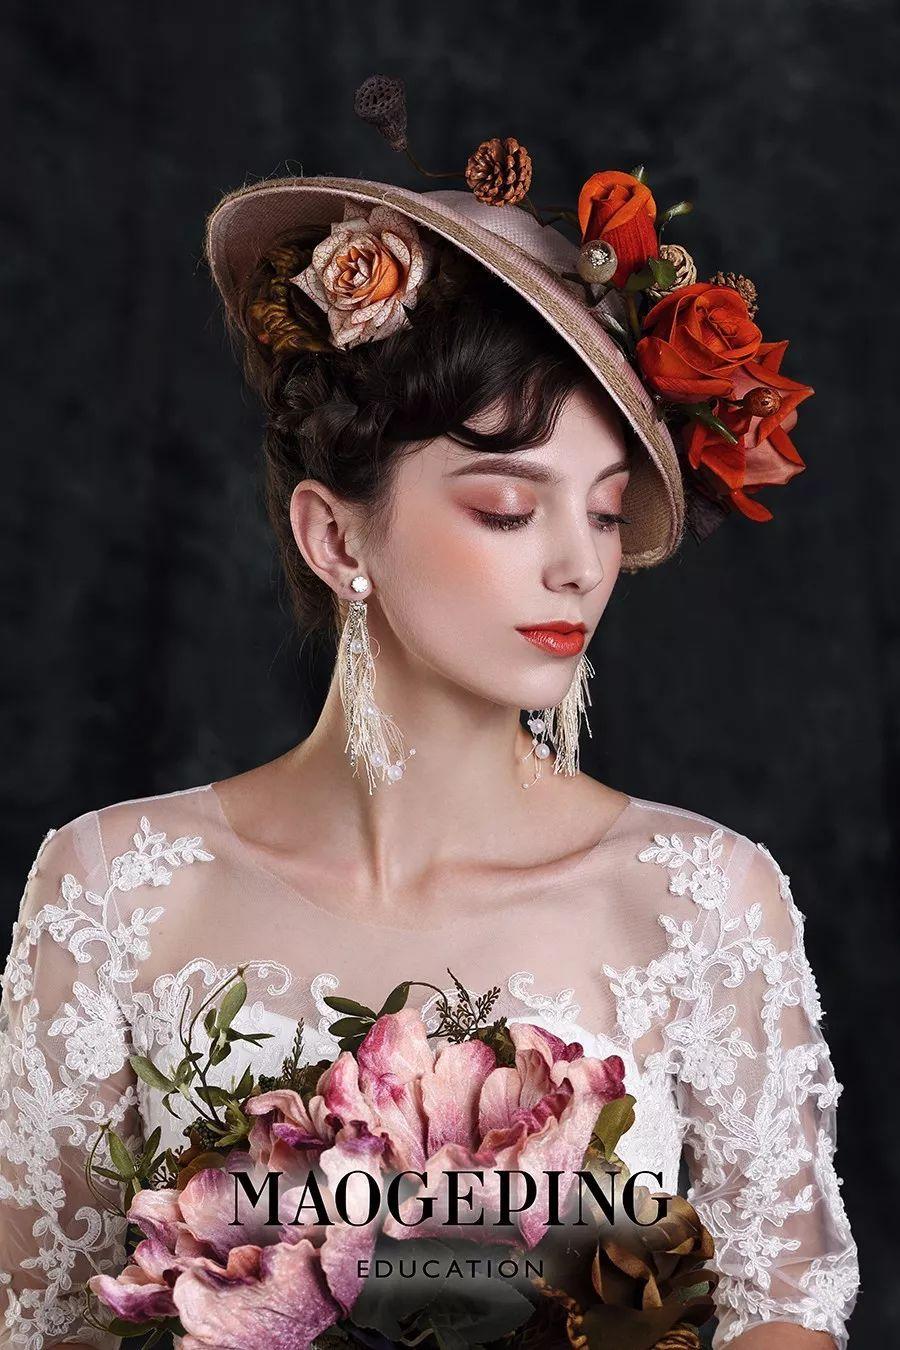 毛戈平形象设计艺术学校2017新娘彩妆造型大赛投票,谁图片